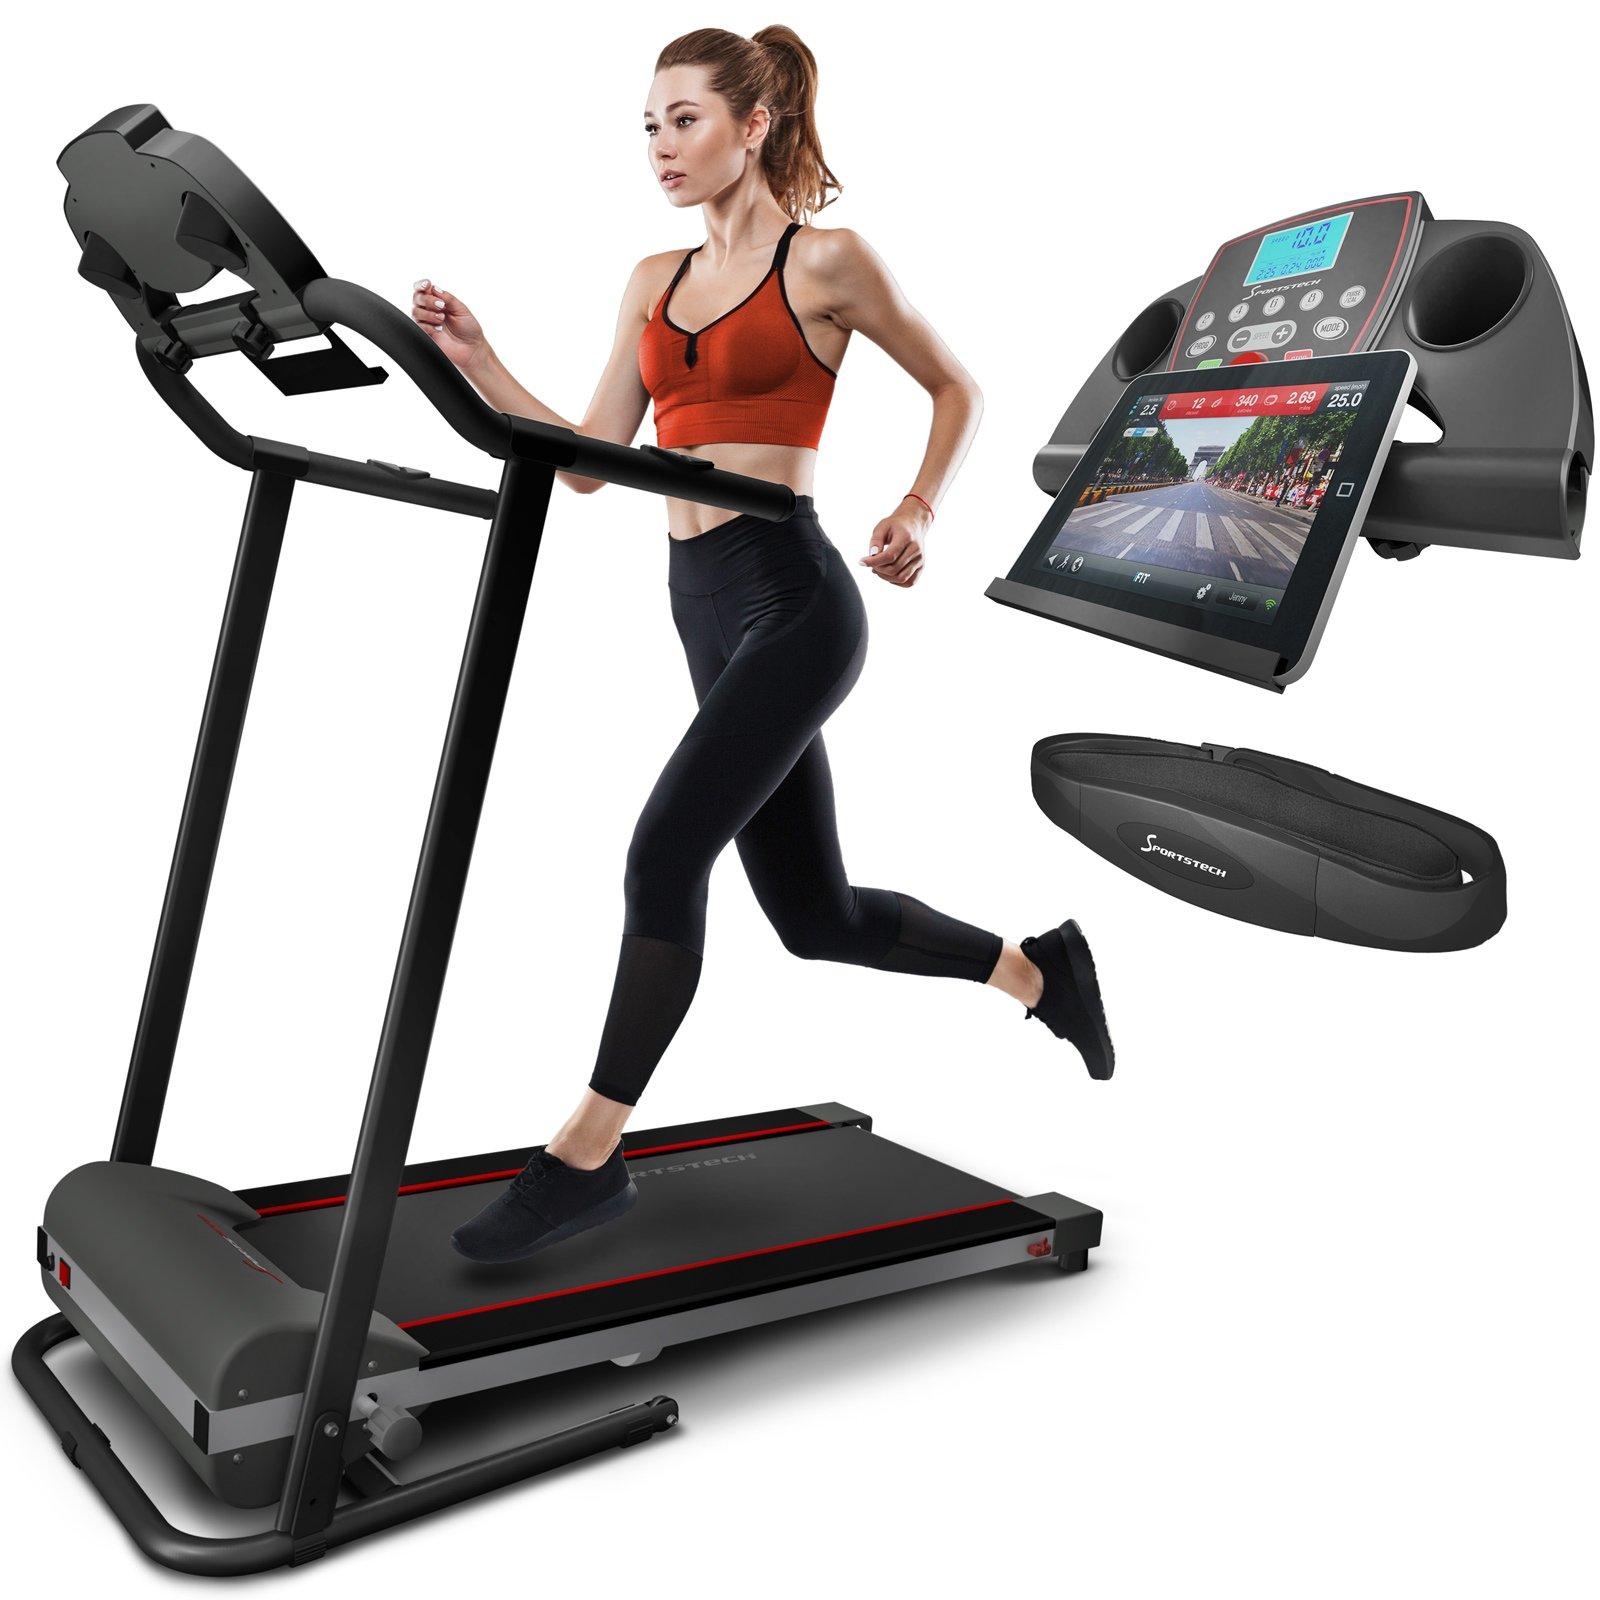 Sportstech F10 Tapis roulant elettrico pieghevole professionale Controllo via App-compatto con ruote e porta Tablet-cintura cardiofrequenzimetro inclusa Velocità massima 10km/h per correre o camminare product image